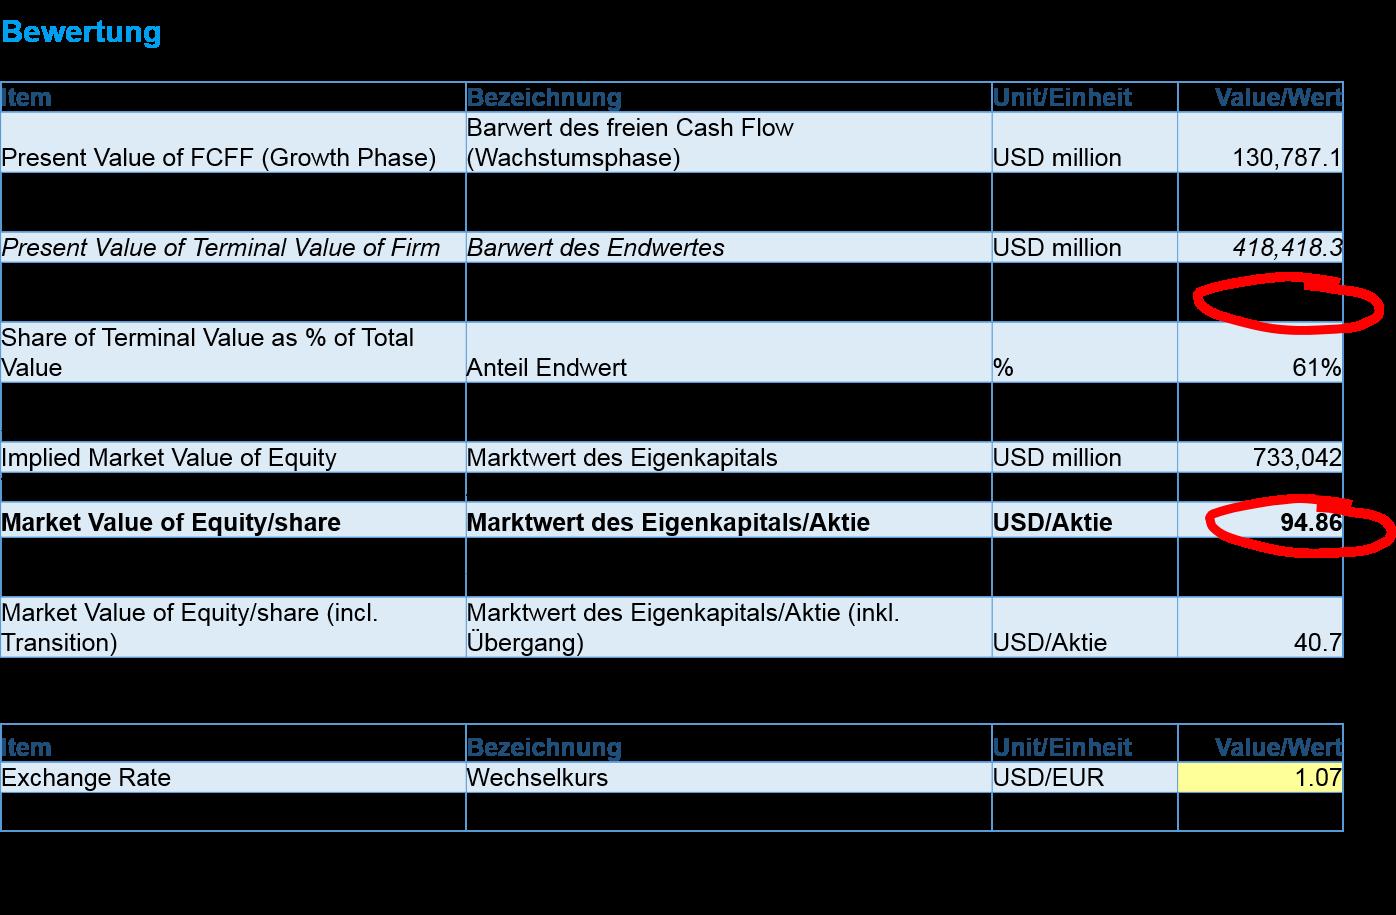 Dcf Bewertung In 6 Schritten Beispiel Microsoft Diy Investor